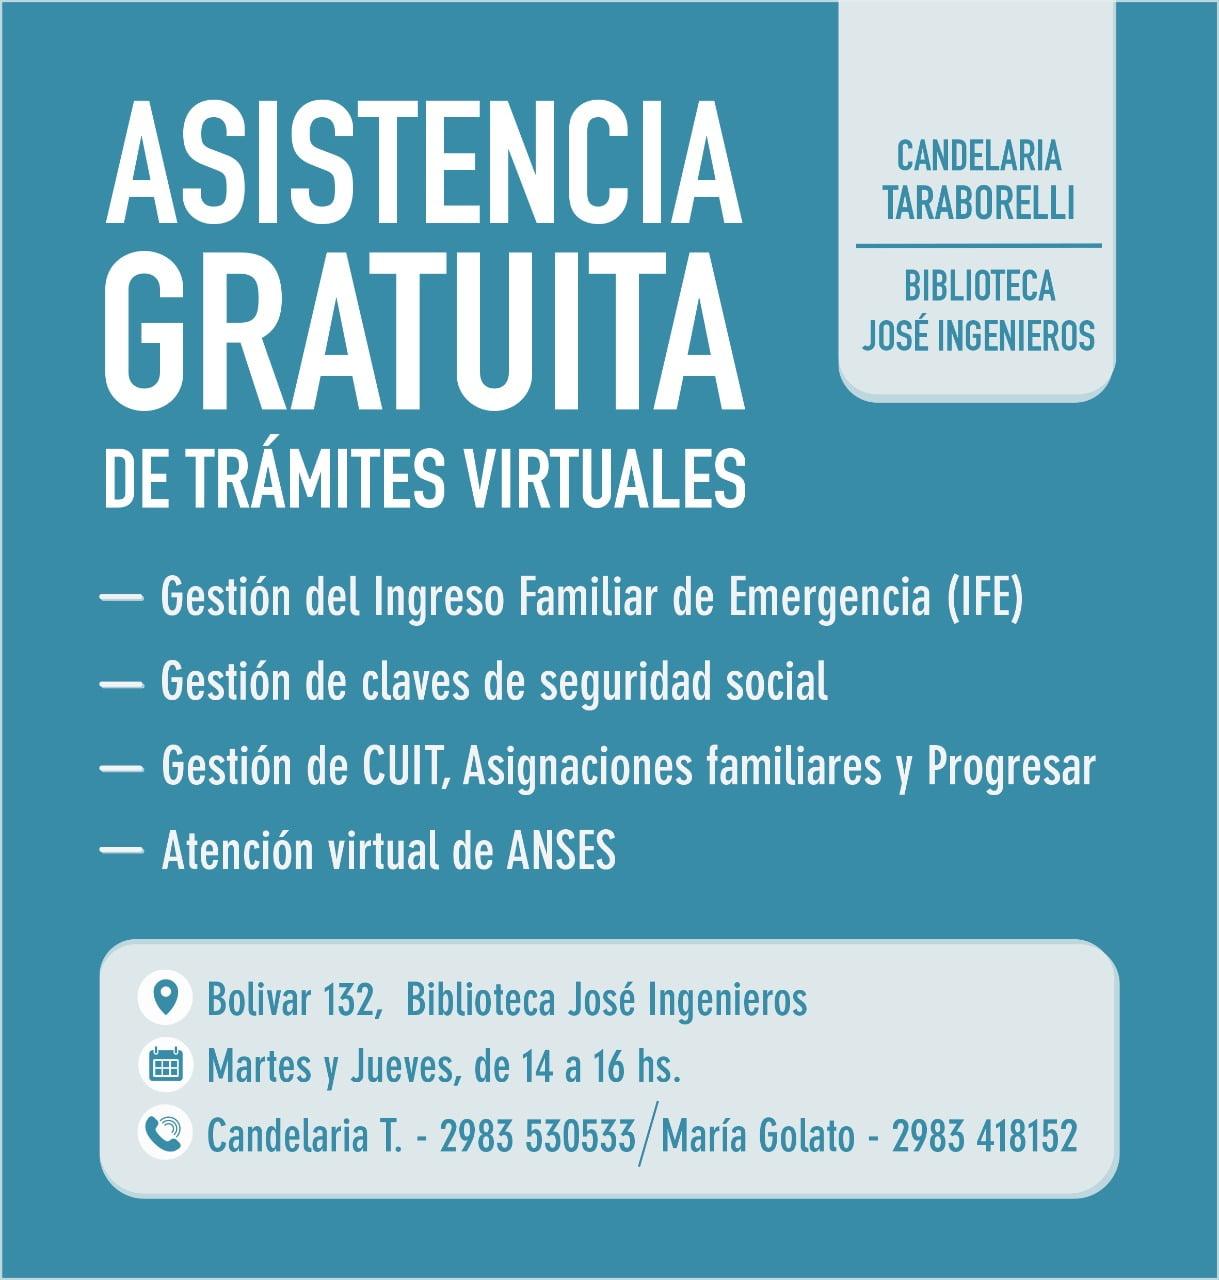 Asistencia gratuita de trámites virtuales de la Biblioteca José Ingenieros